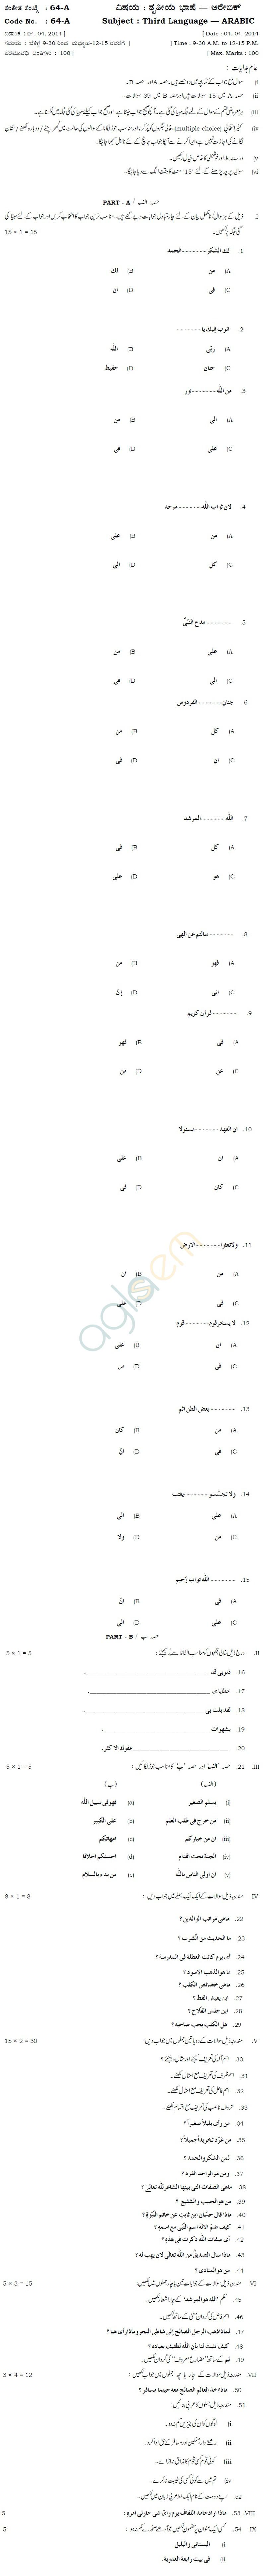 Arabic III